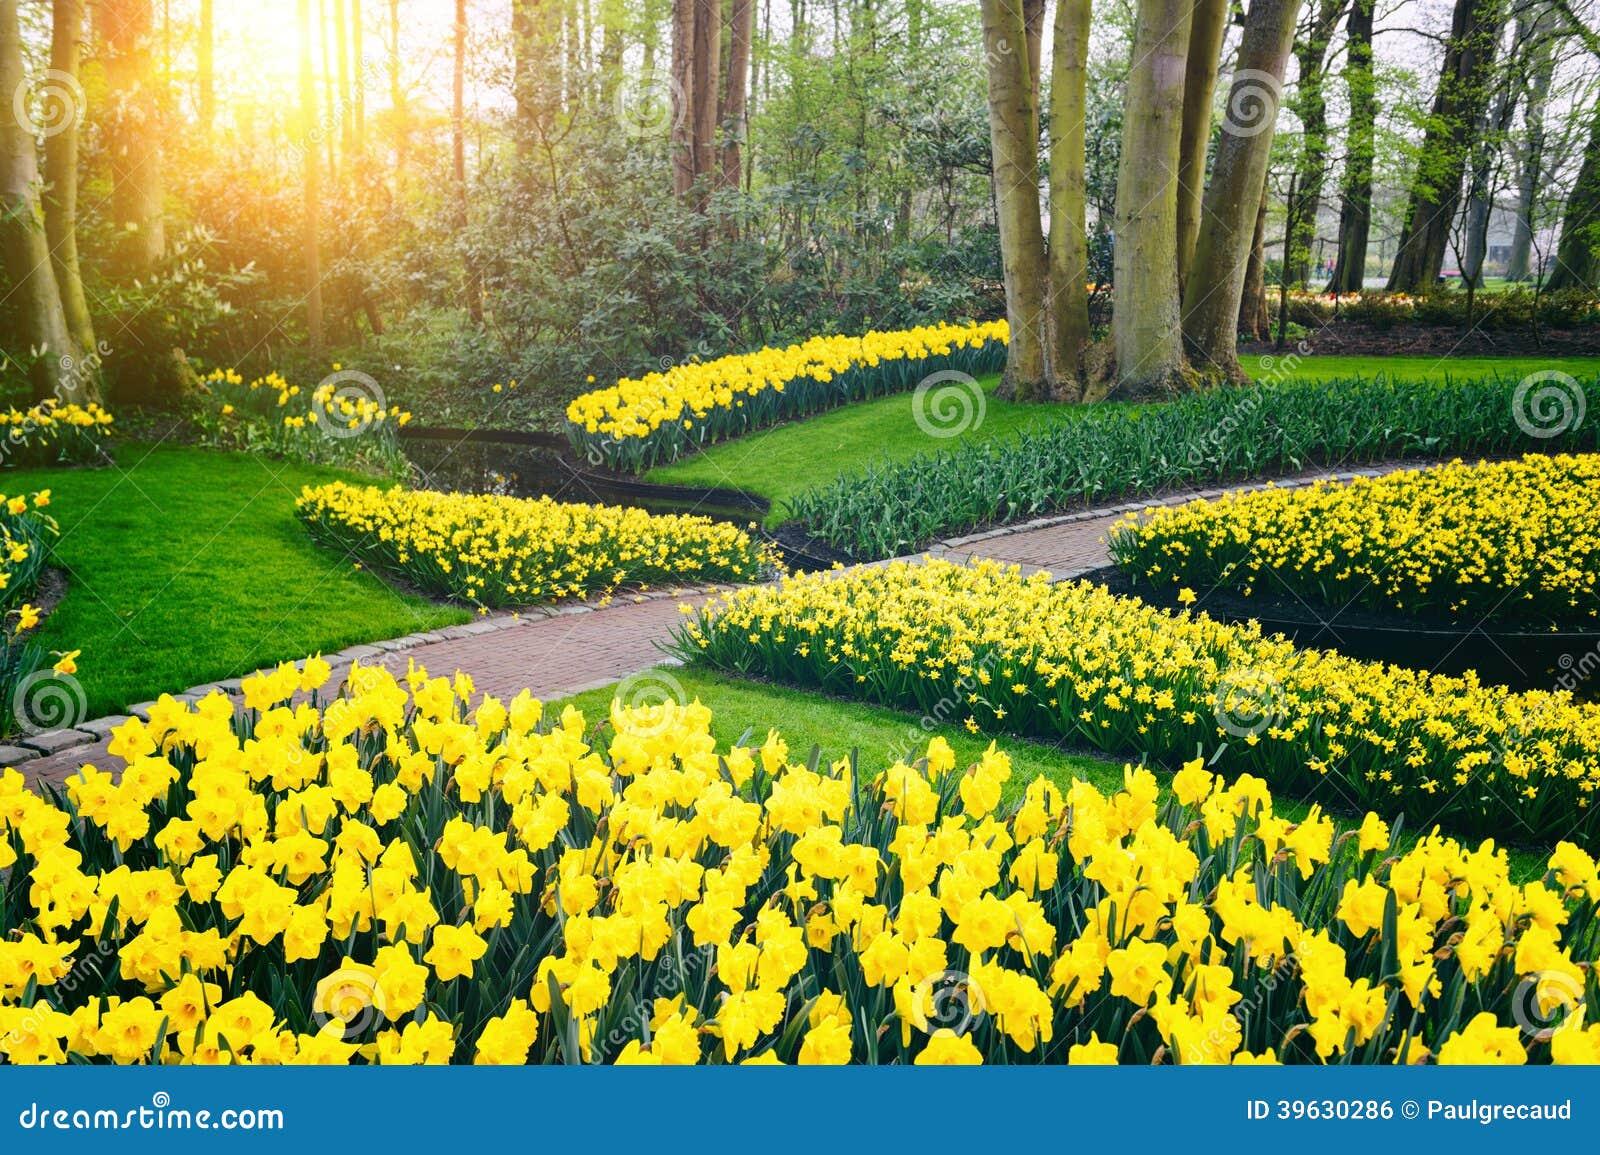 High Quality Download Paisaje De La Primavera Con Los Narcisos Amarillos. Jardín De  Keukenhof Foto De Archivo